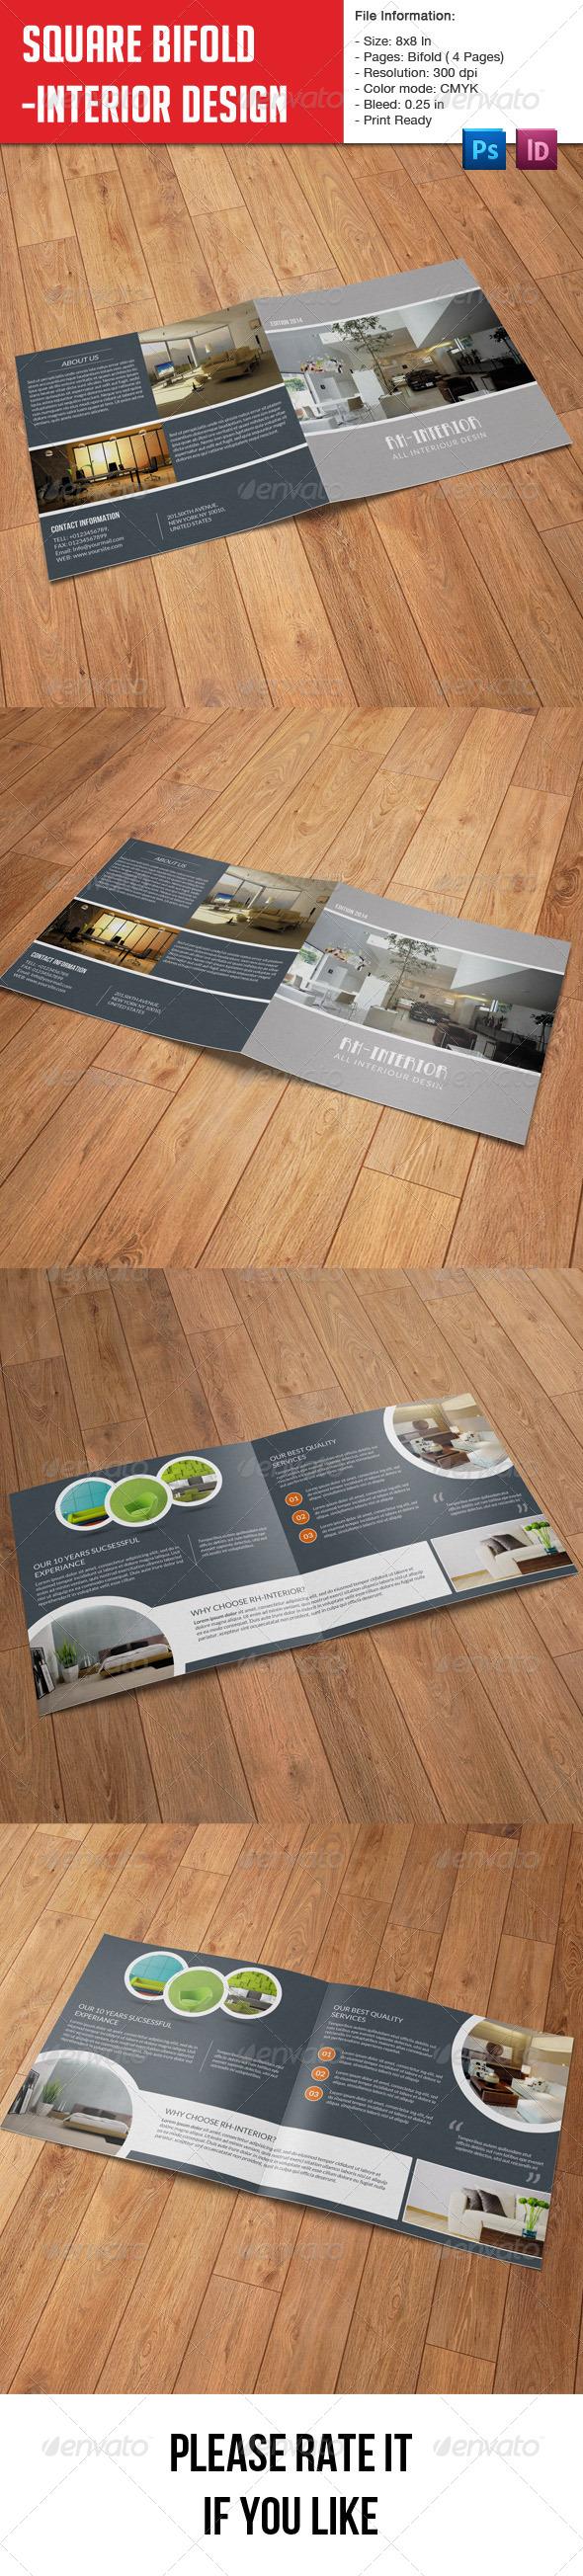 GraphicRiver Square Bifold Brochure-Interior Design 8023615